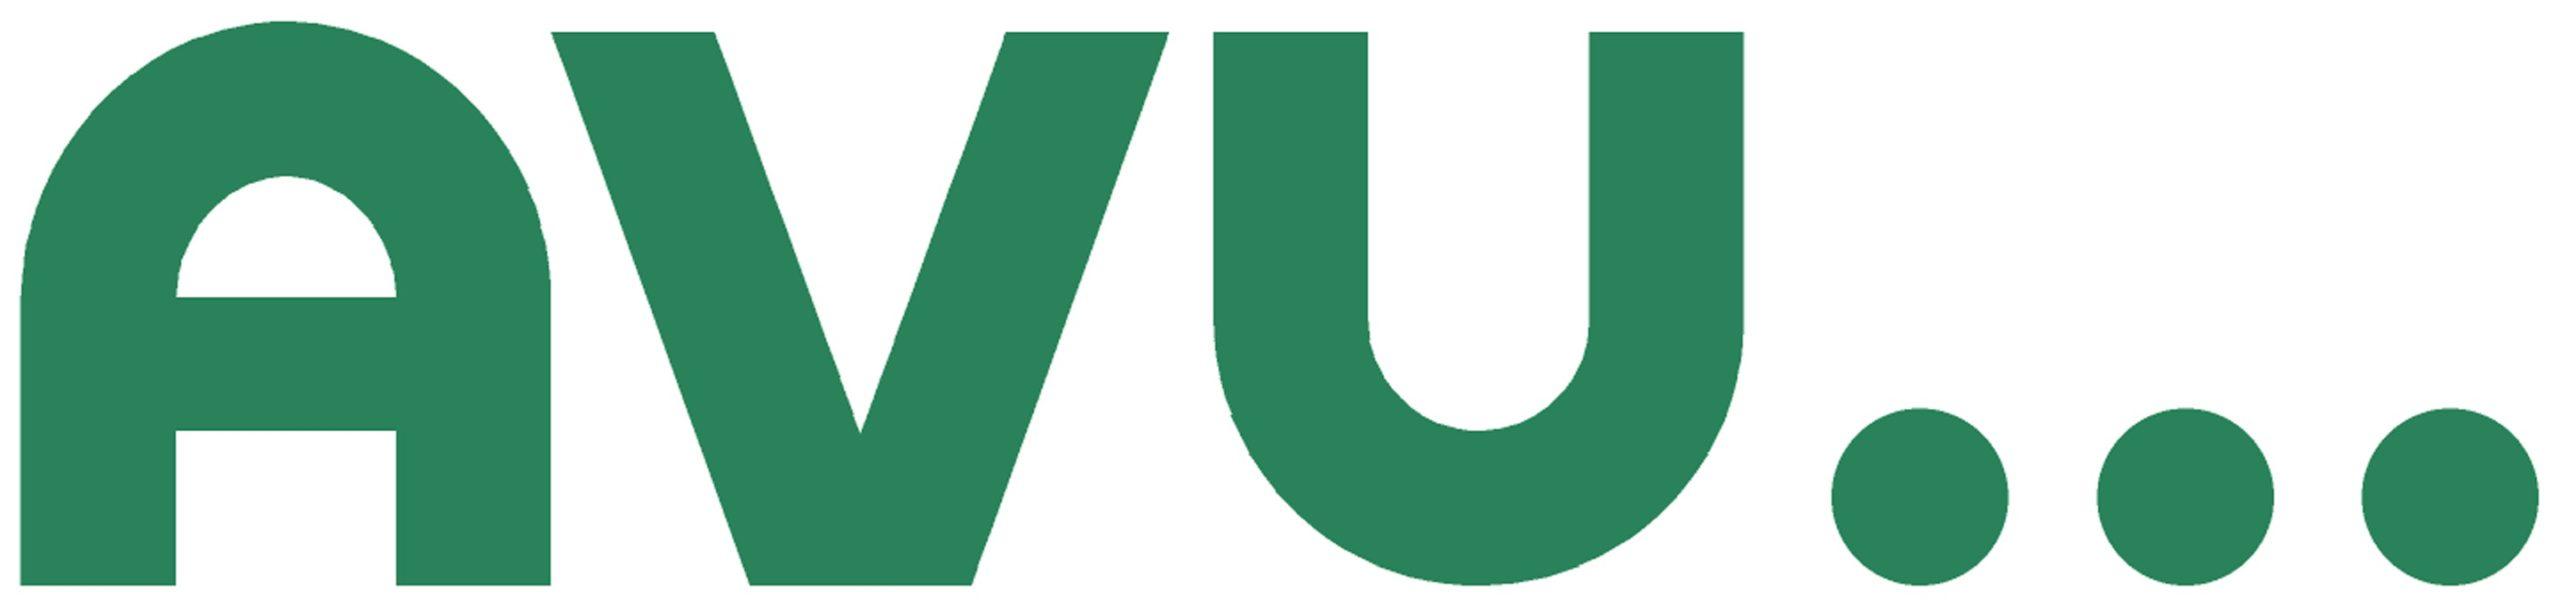 AVU - Aktiengesellschaft für Versorgungsunternehmen